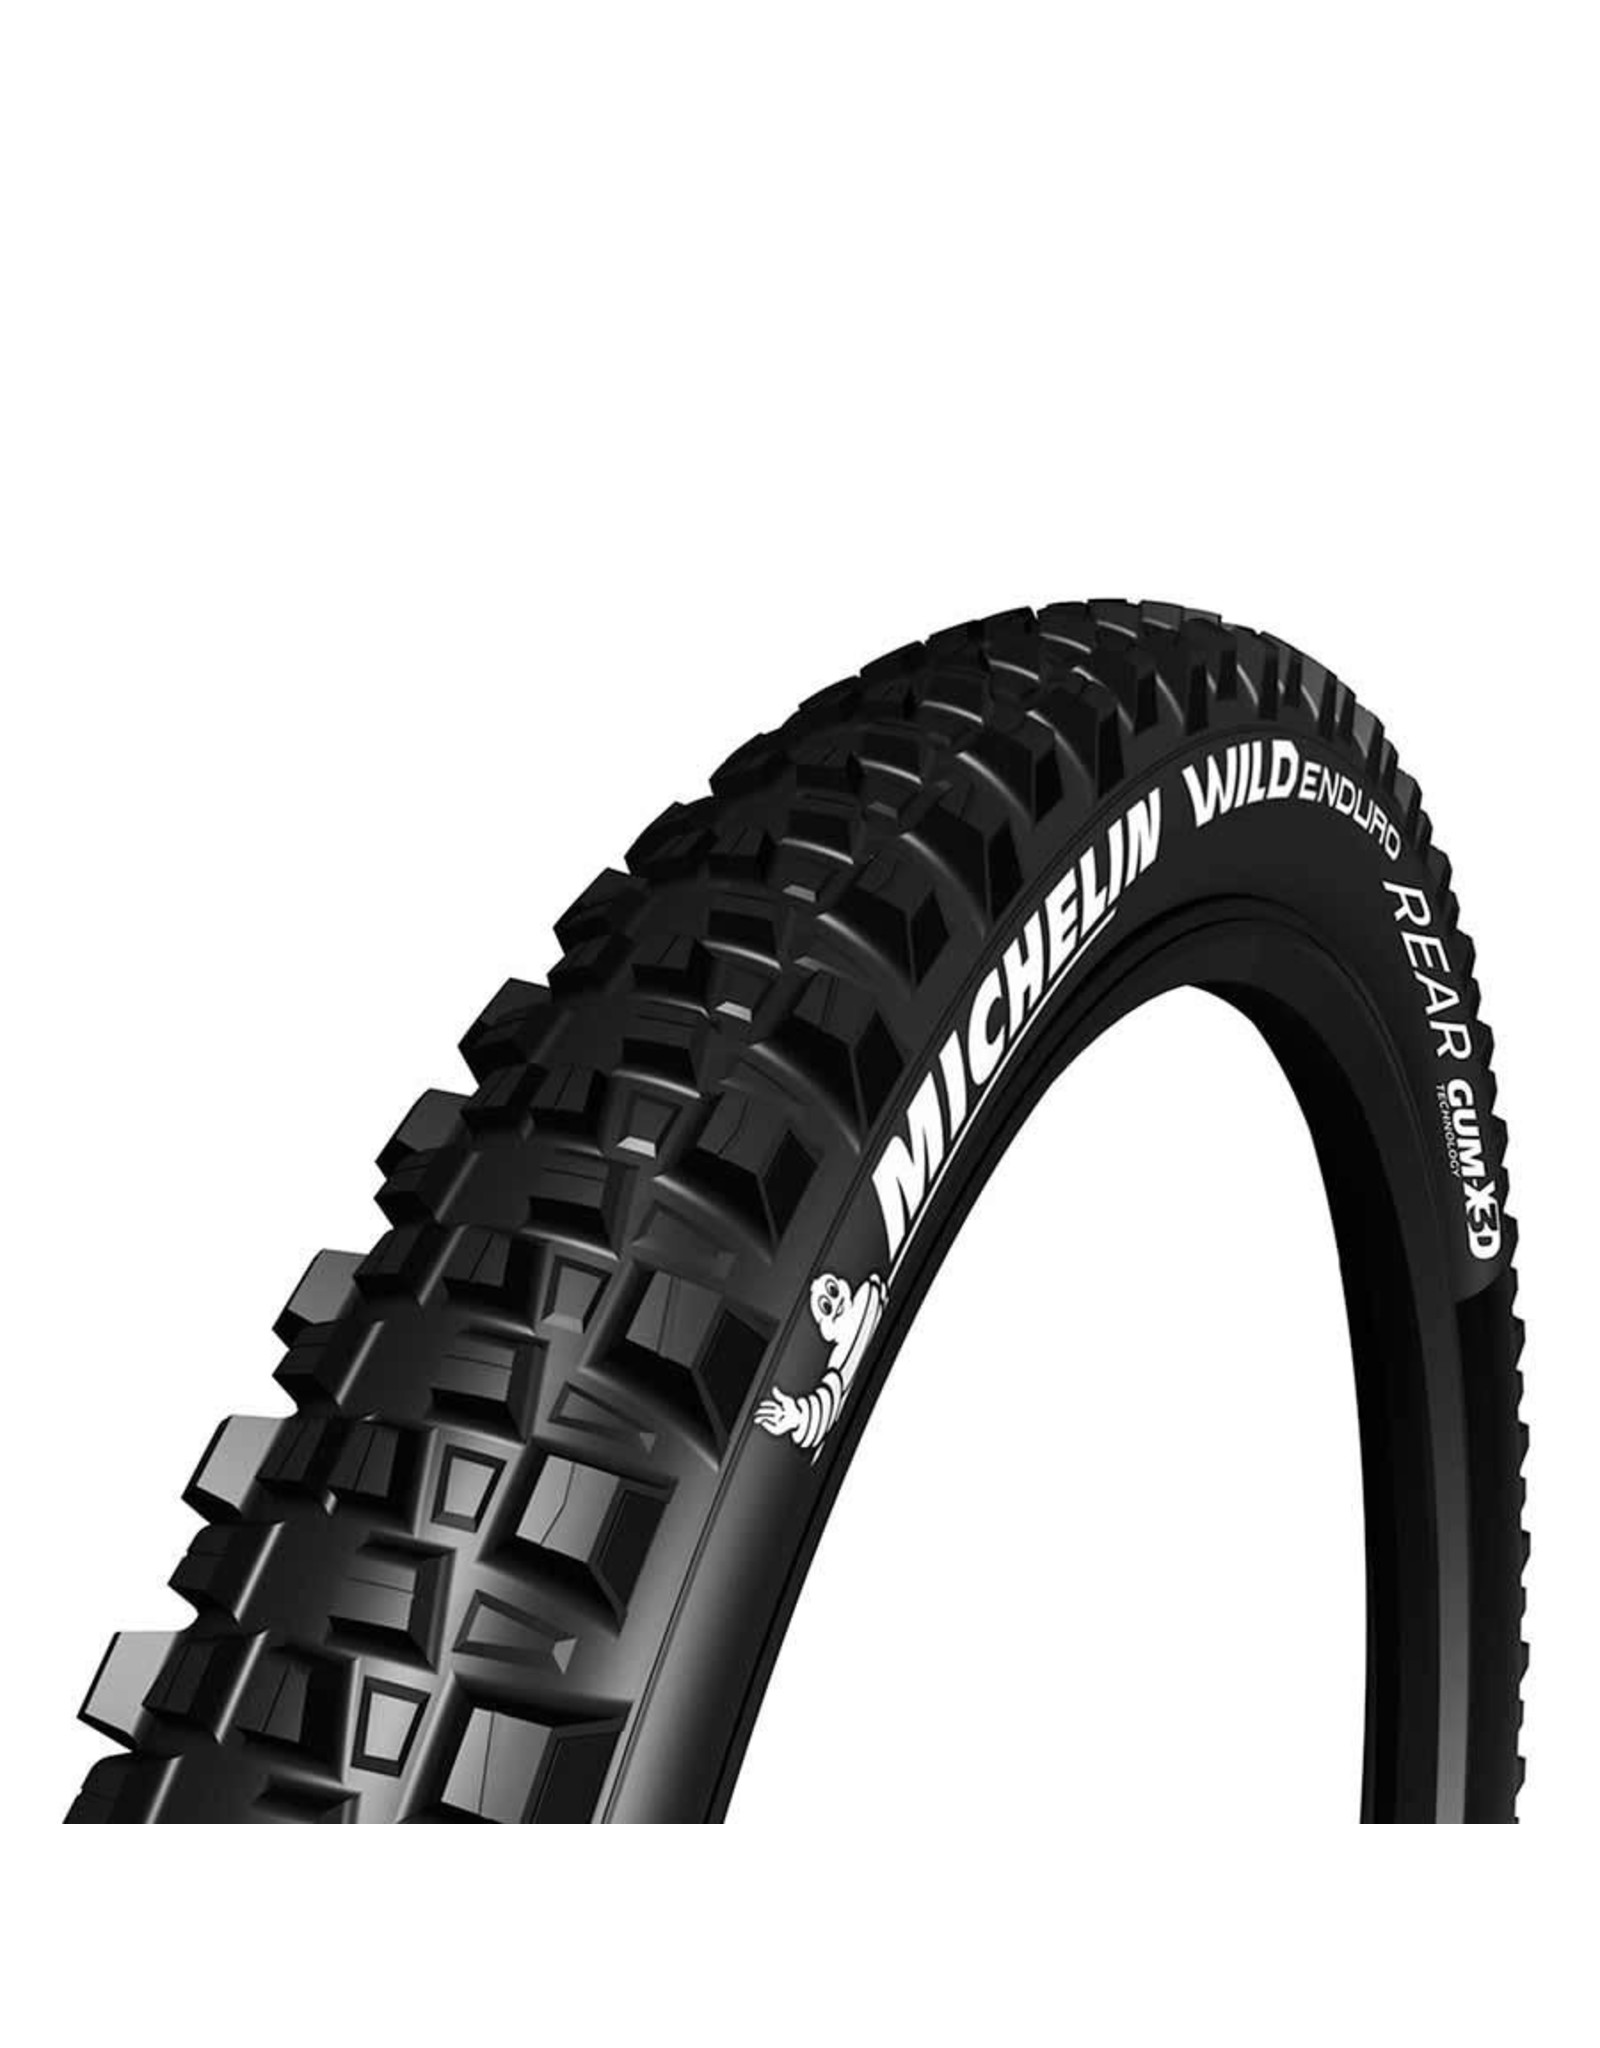 Michelin Pneu Michelin Wild Enduro Rear